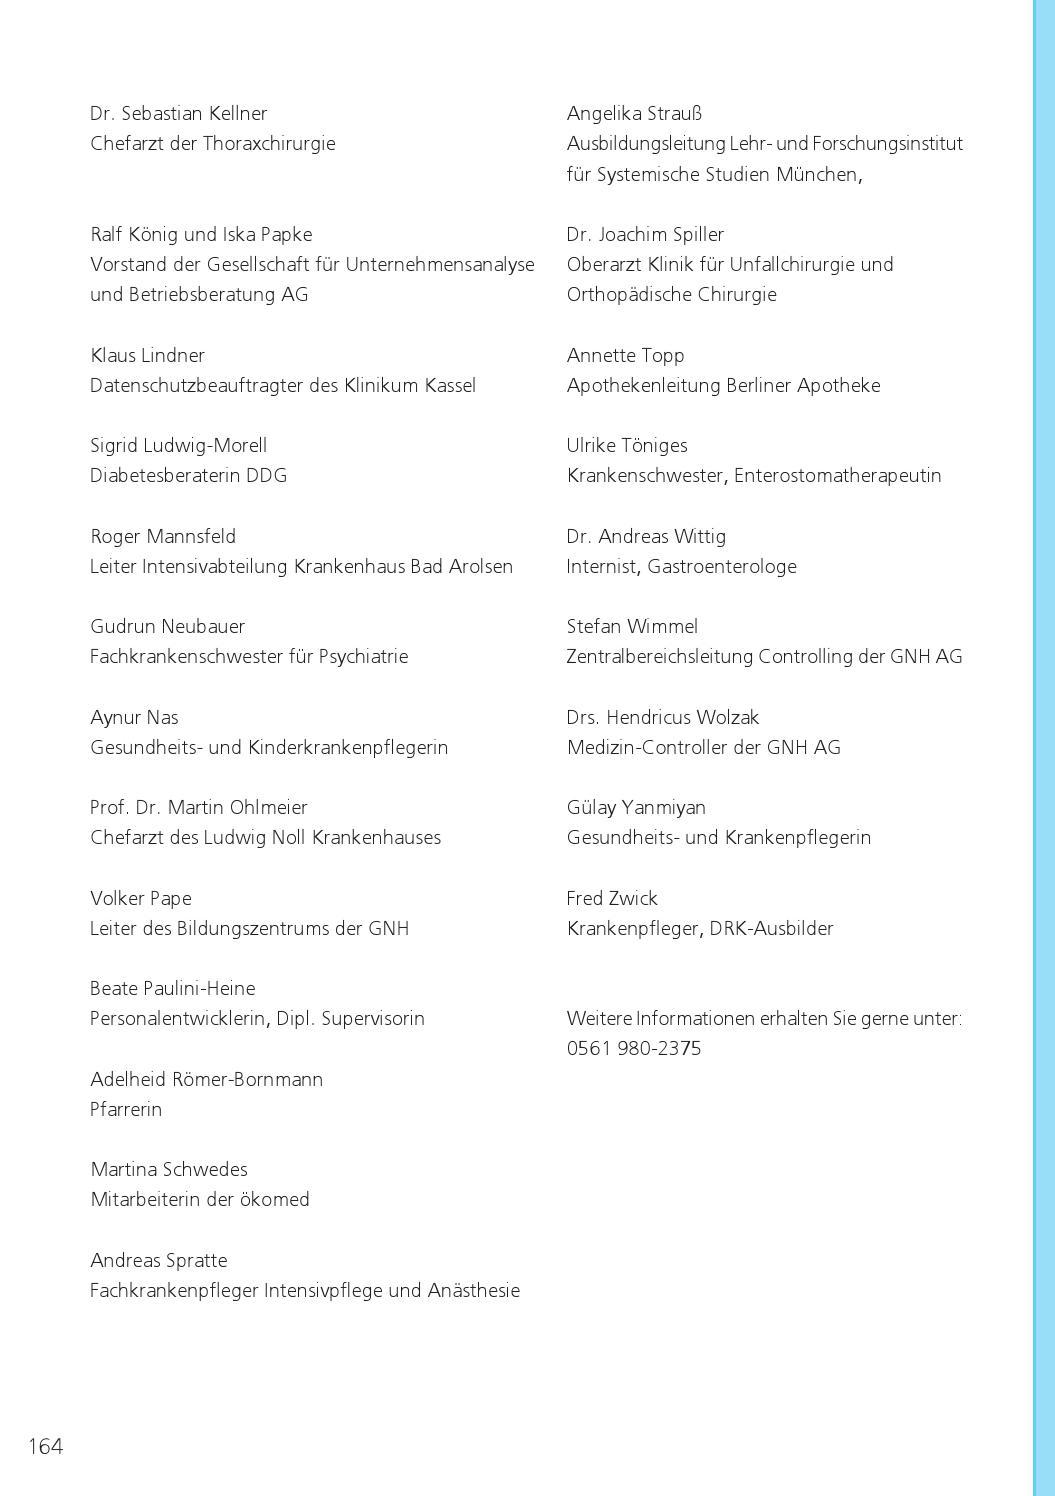 Bildung und Personalentwicklung Programm 2014 by Roberts Marken ...